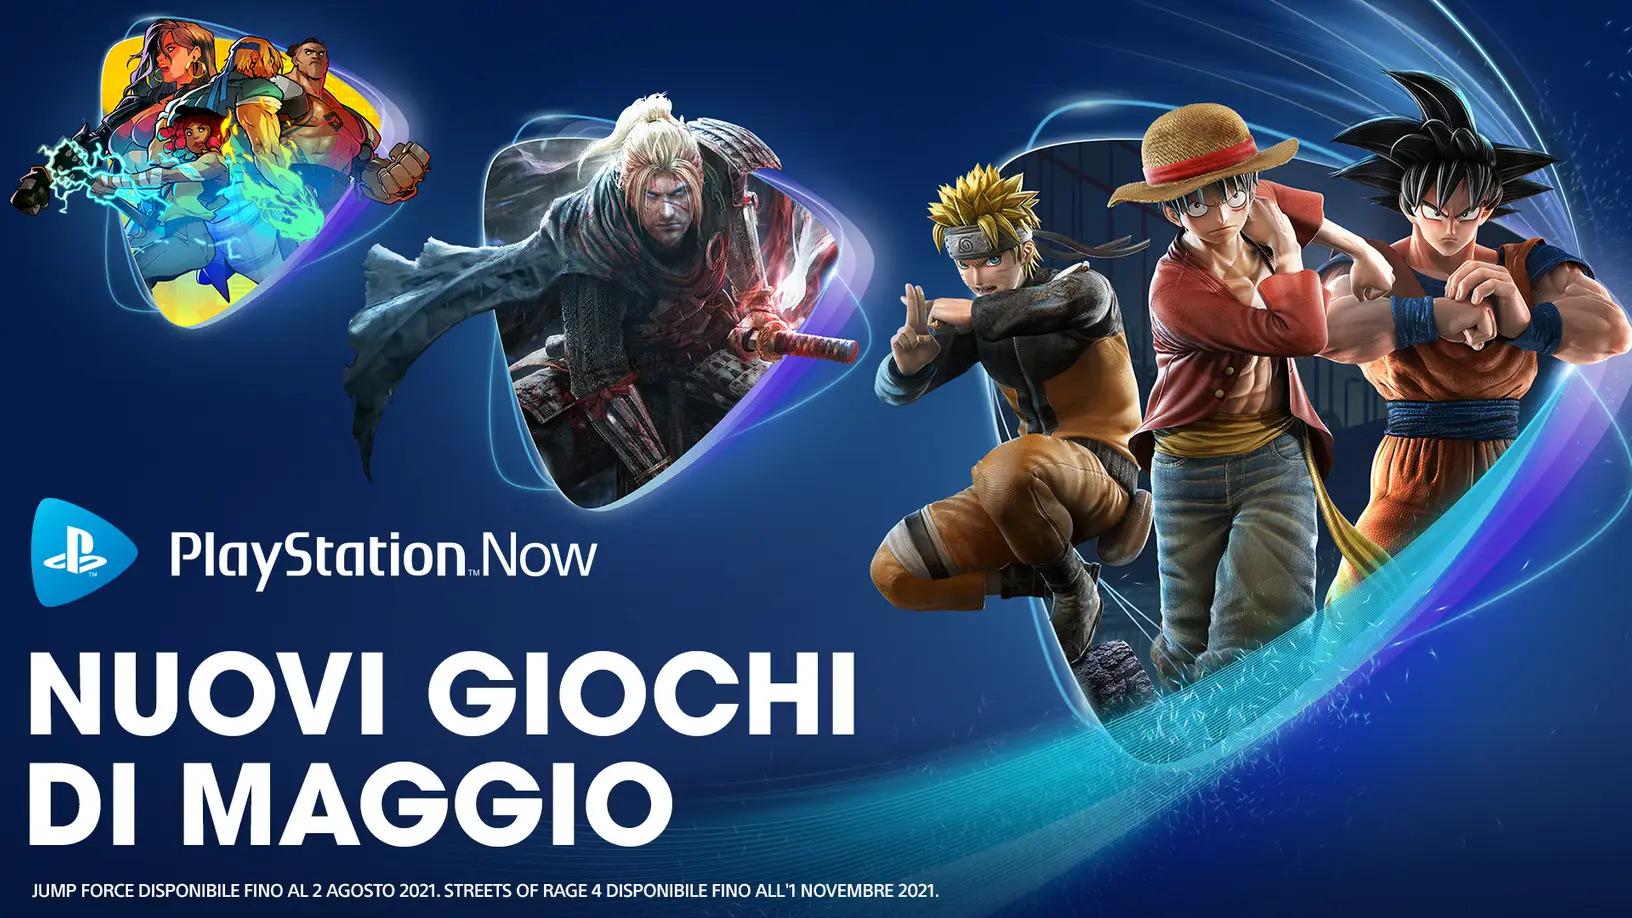 Giochi PlayStation Now di maggio